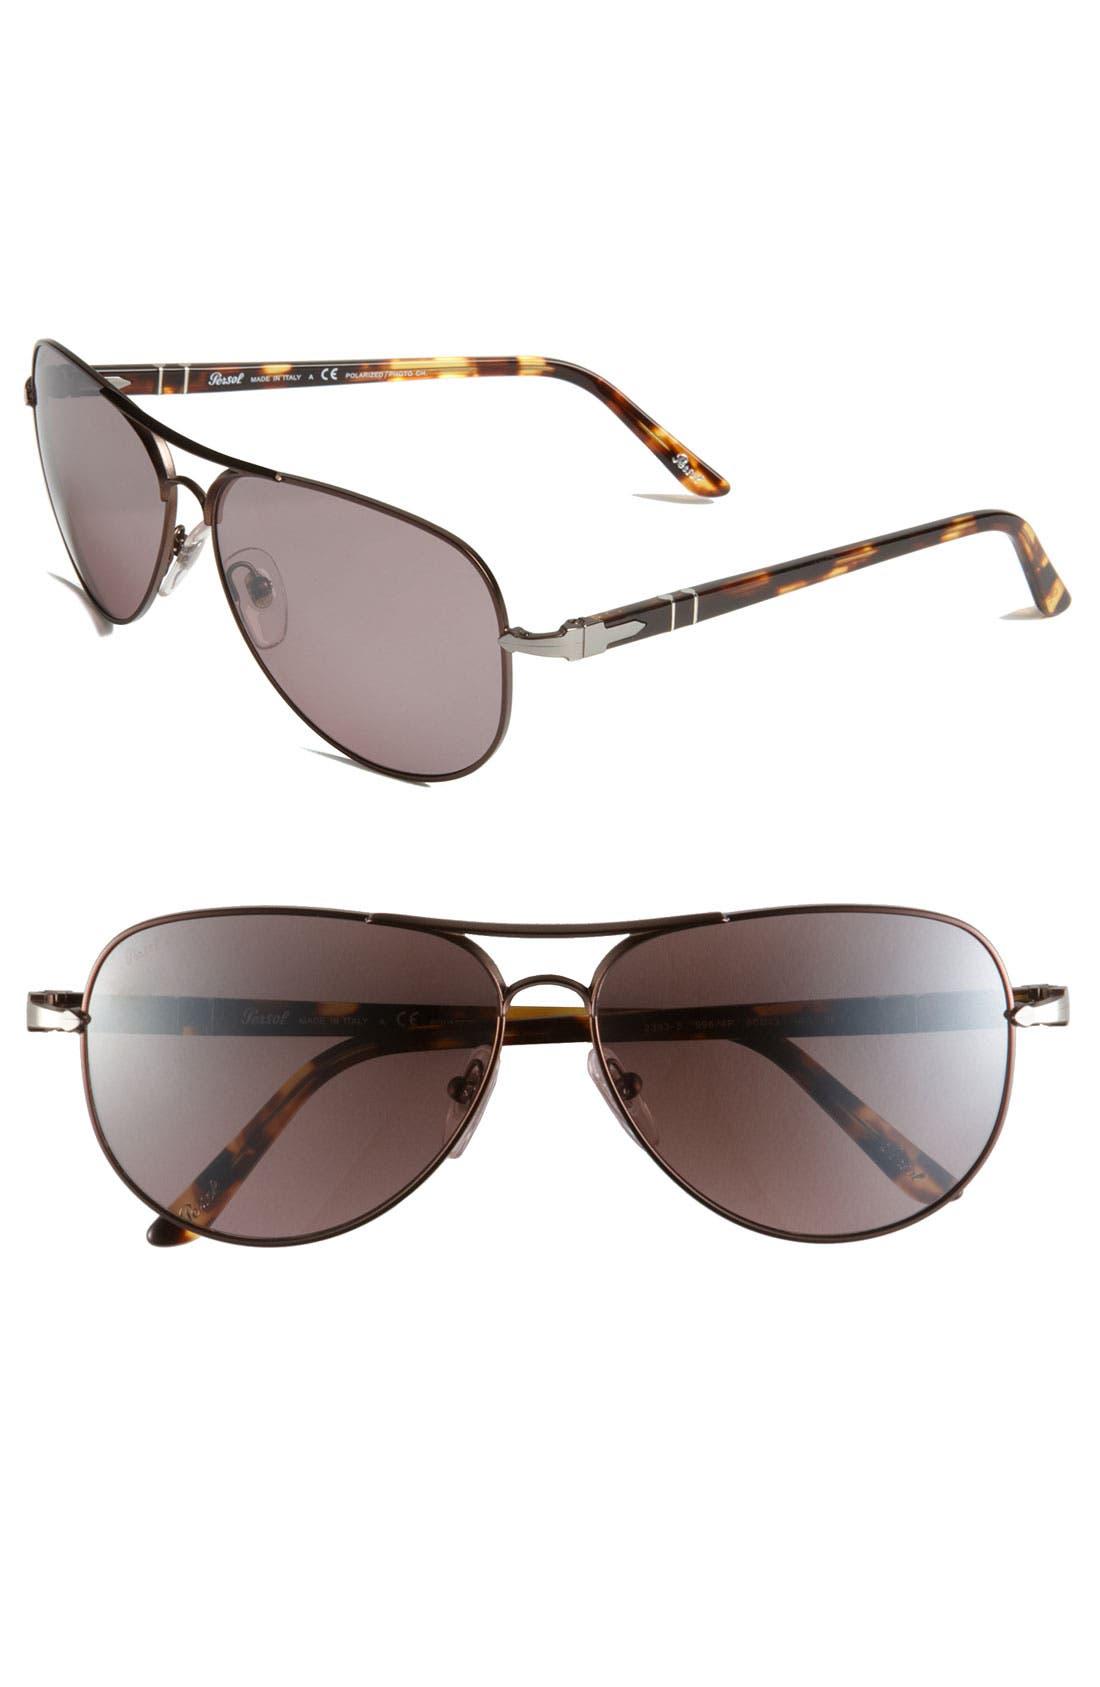 Alternate Image 1 Selected - Persol Metal Aviator Sunglasses